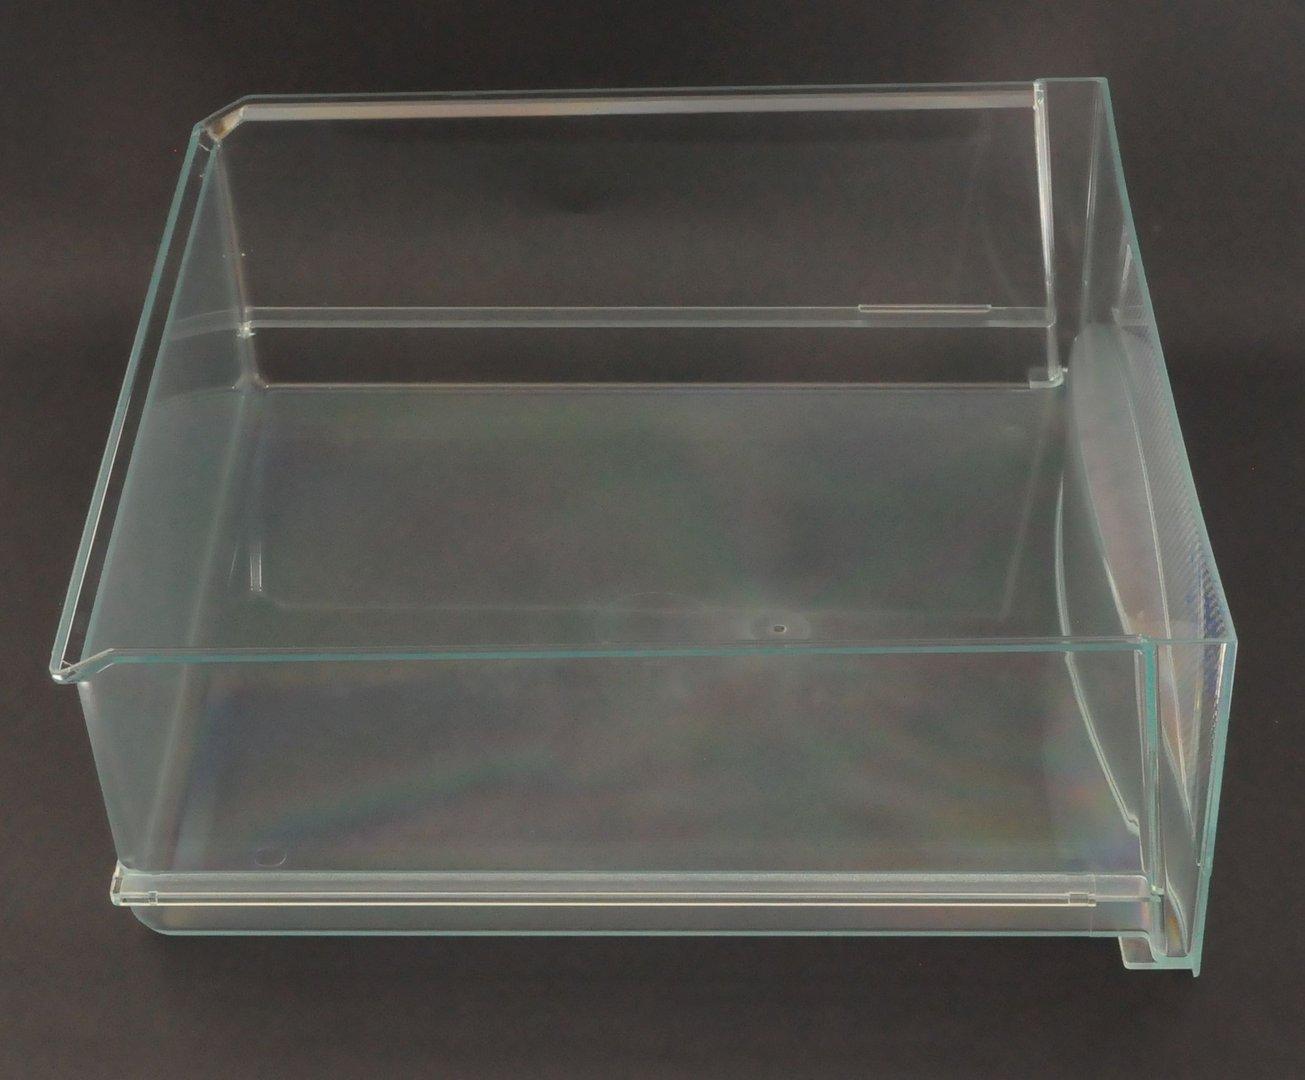 Kühlschrank Schublade : Liebherr biofresh safe schublade gemüseschale kühlschrank 9791272